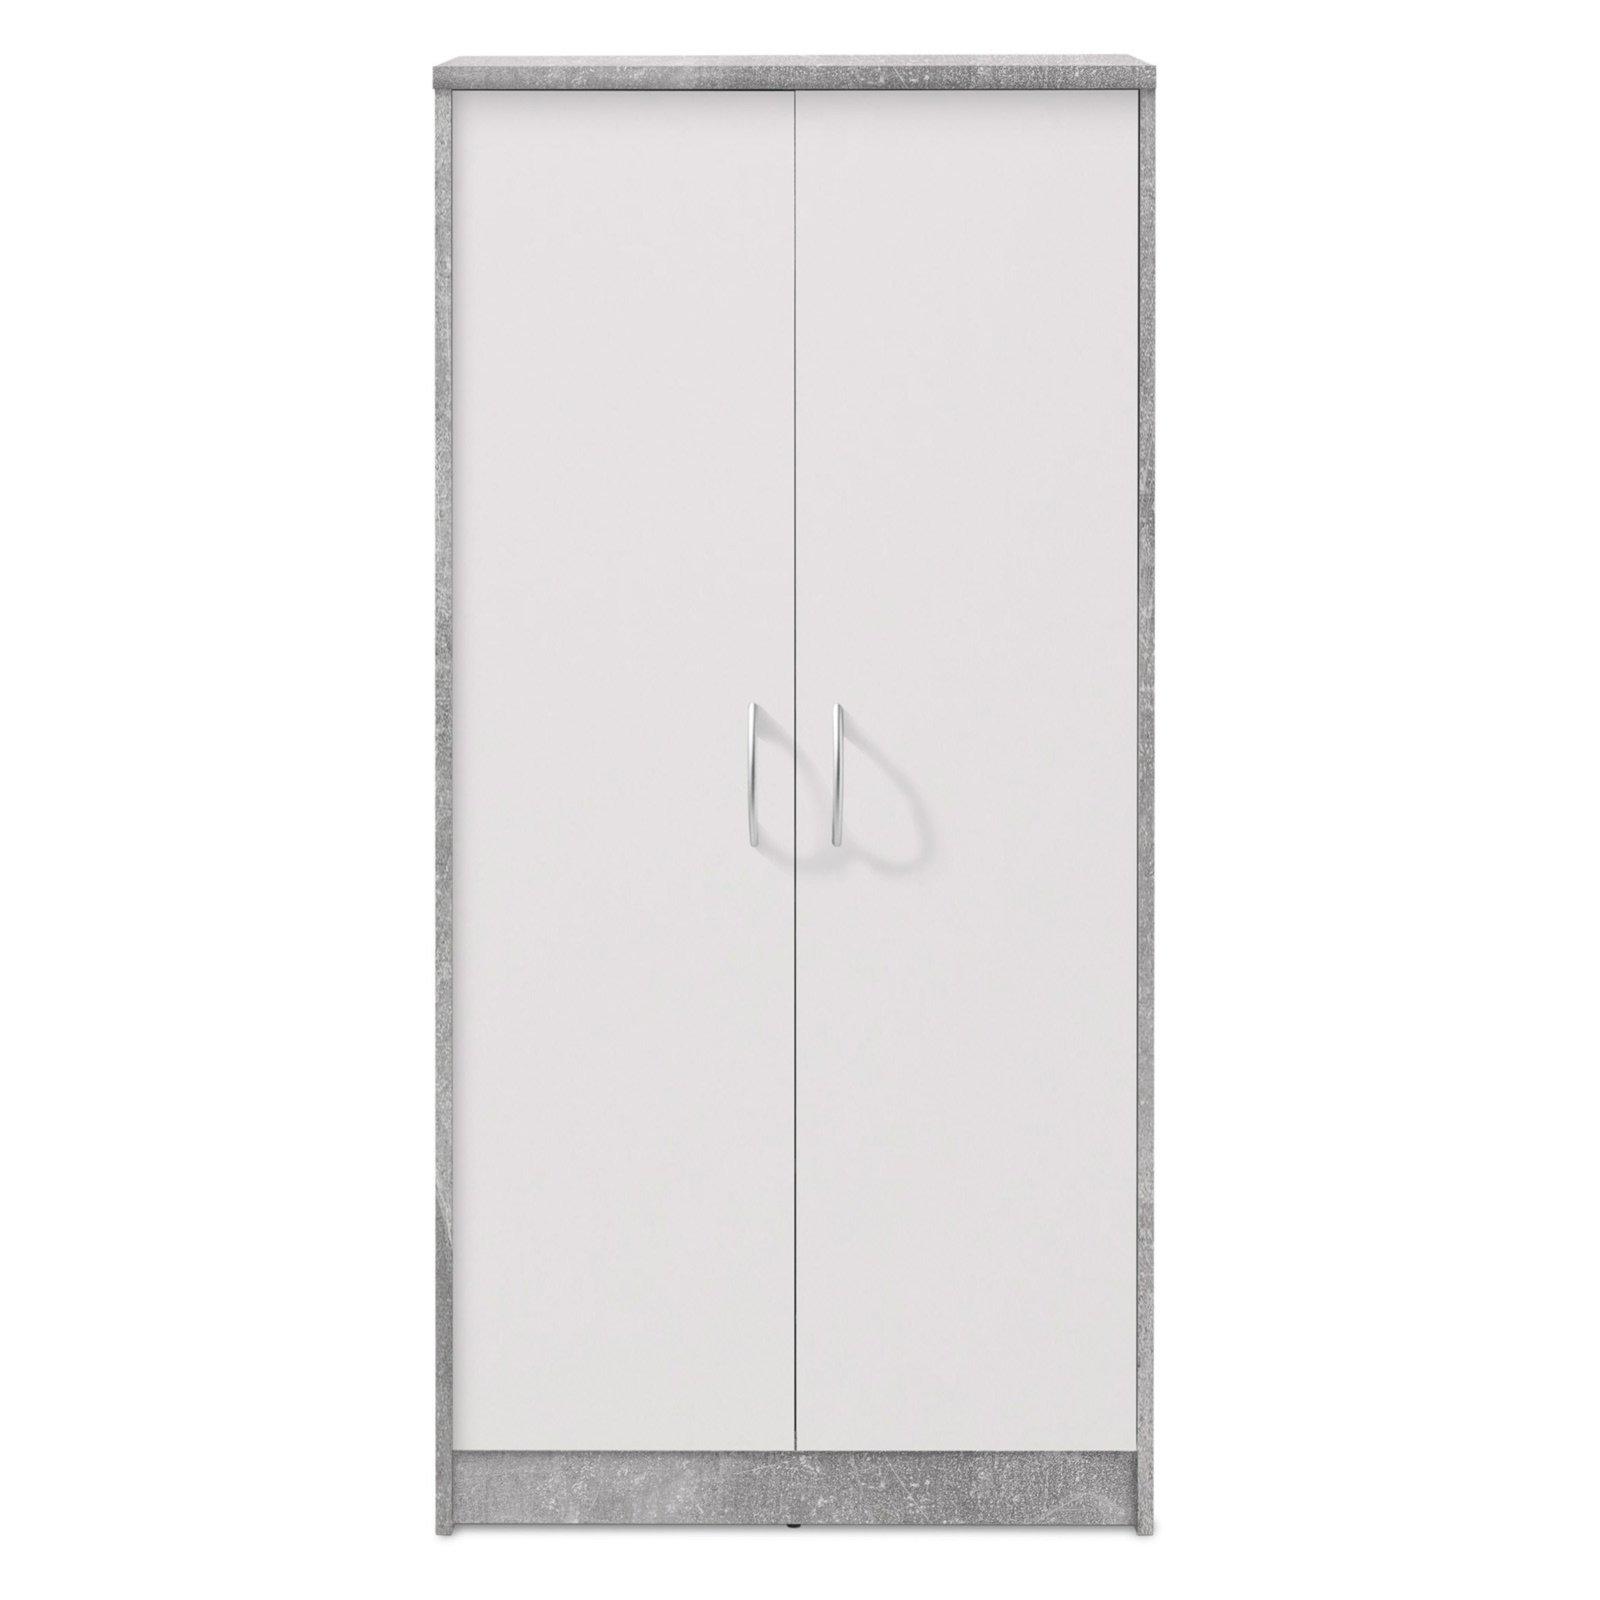 Schrank Beton Weiss 148 Cm Hoch